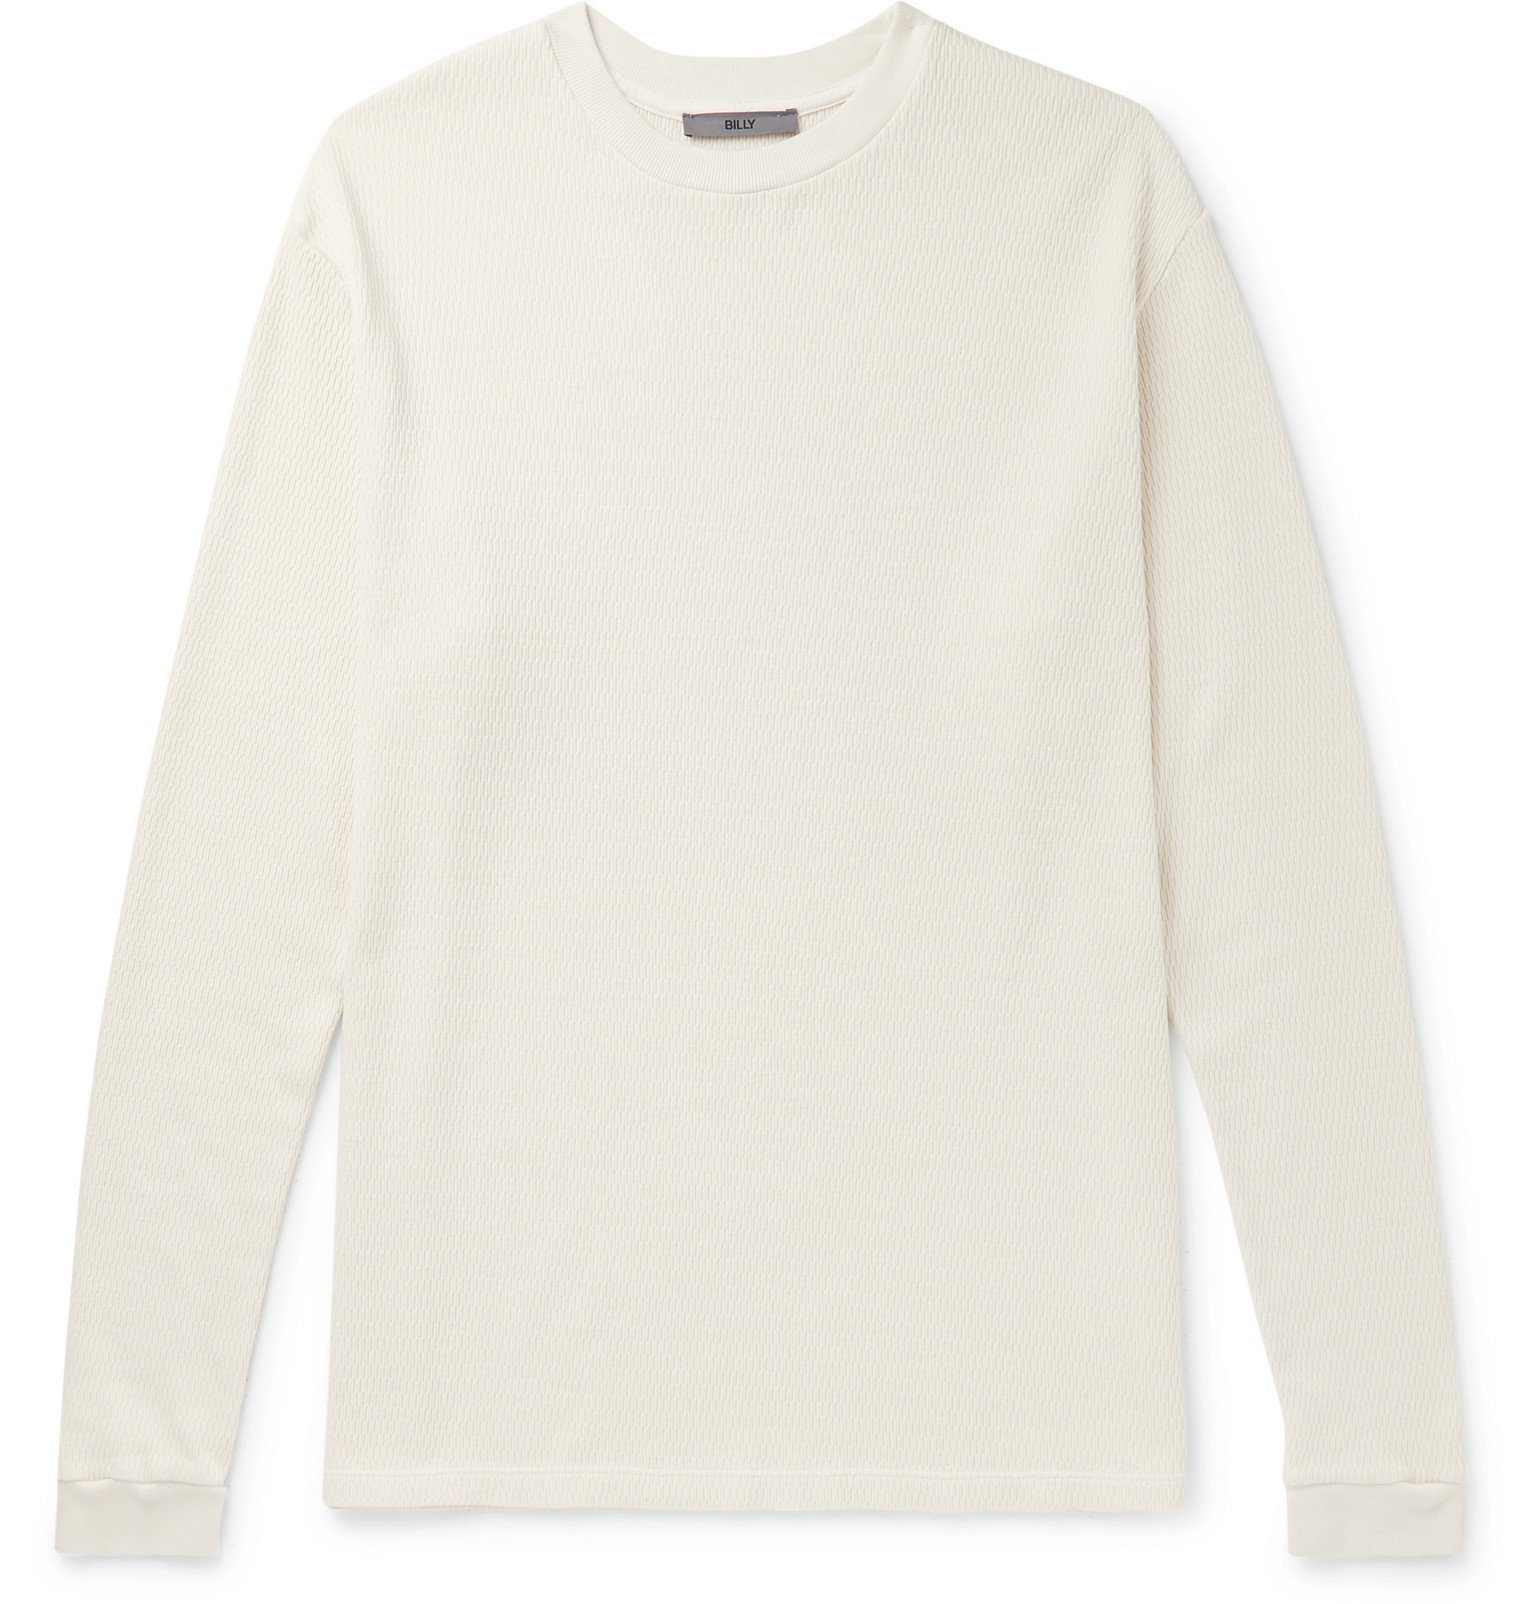 Photo: BILLY - Printed Waffle-Knit Cotton-Jersey T-Shirt - White